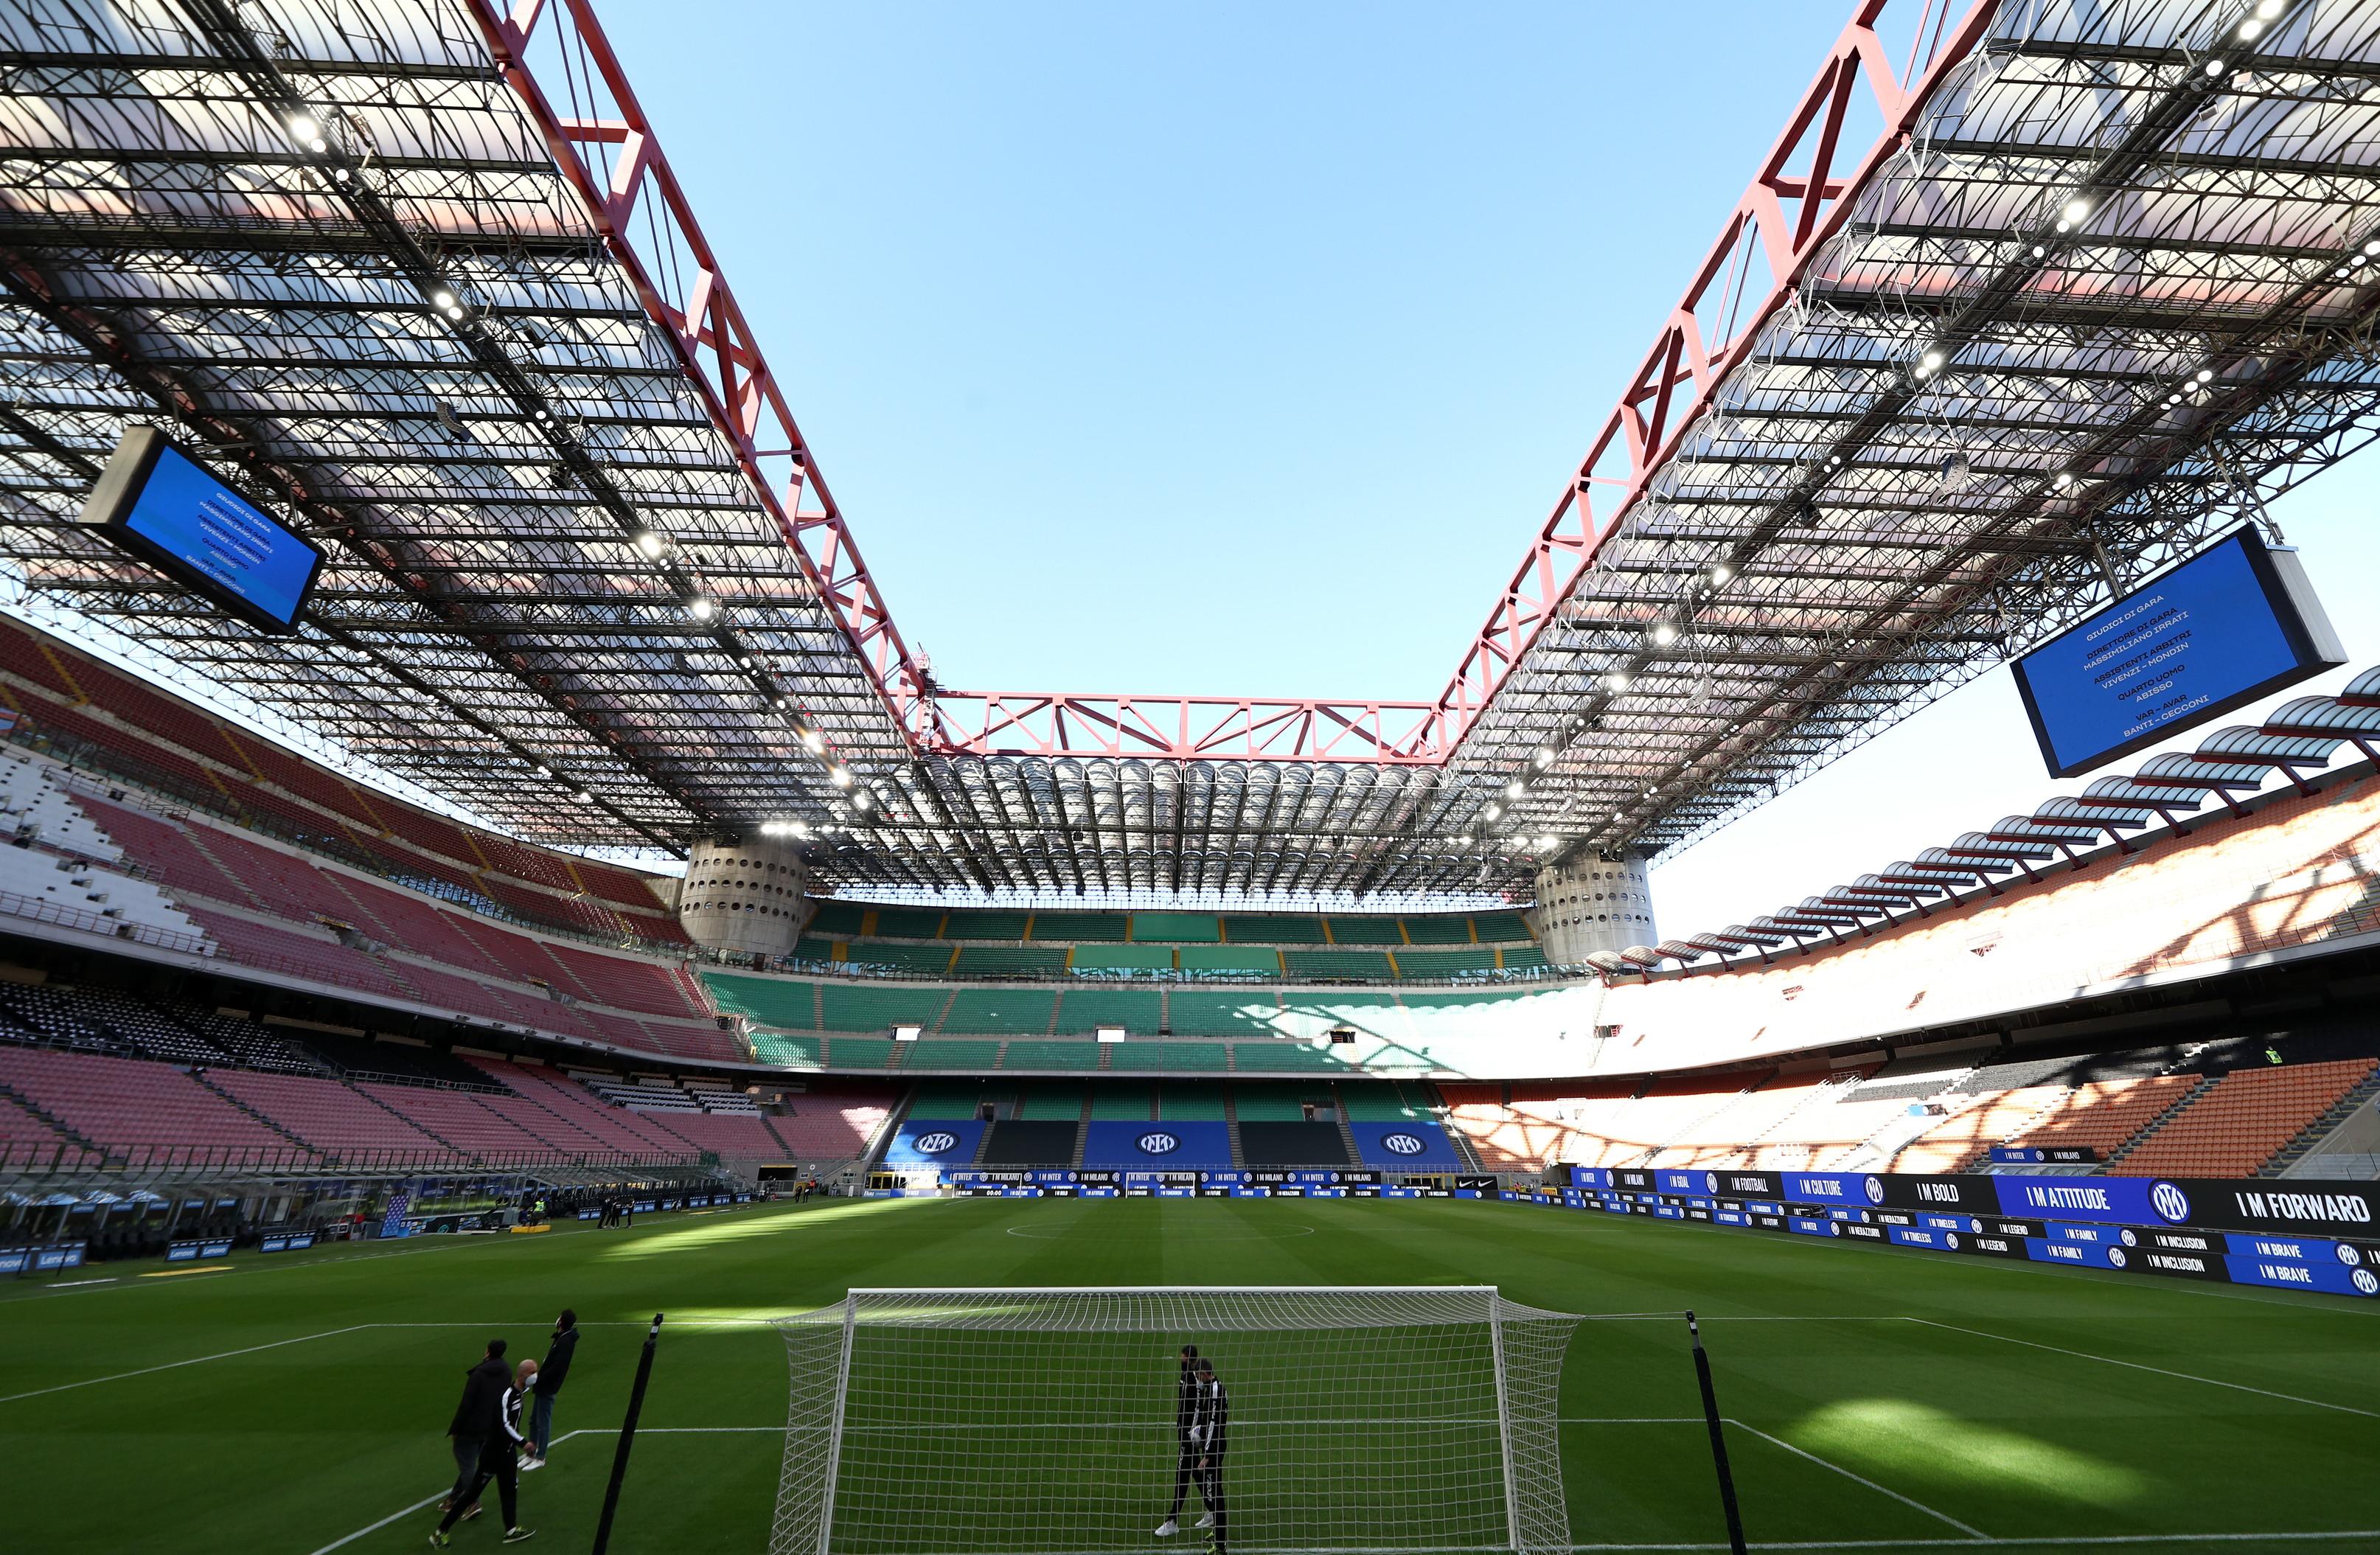 Dopo essere stato presentato ufficialmente nei giorni scorsi, il nuovo logo dell&rsquo;Inter fa il proprio esordio a San Siro in occasione della sfida al Sassuolo.<br /><br />